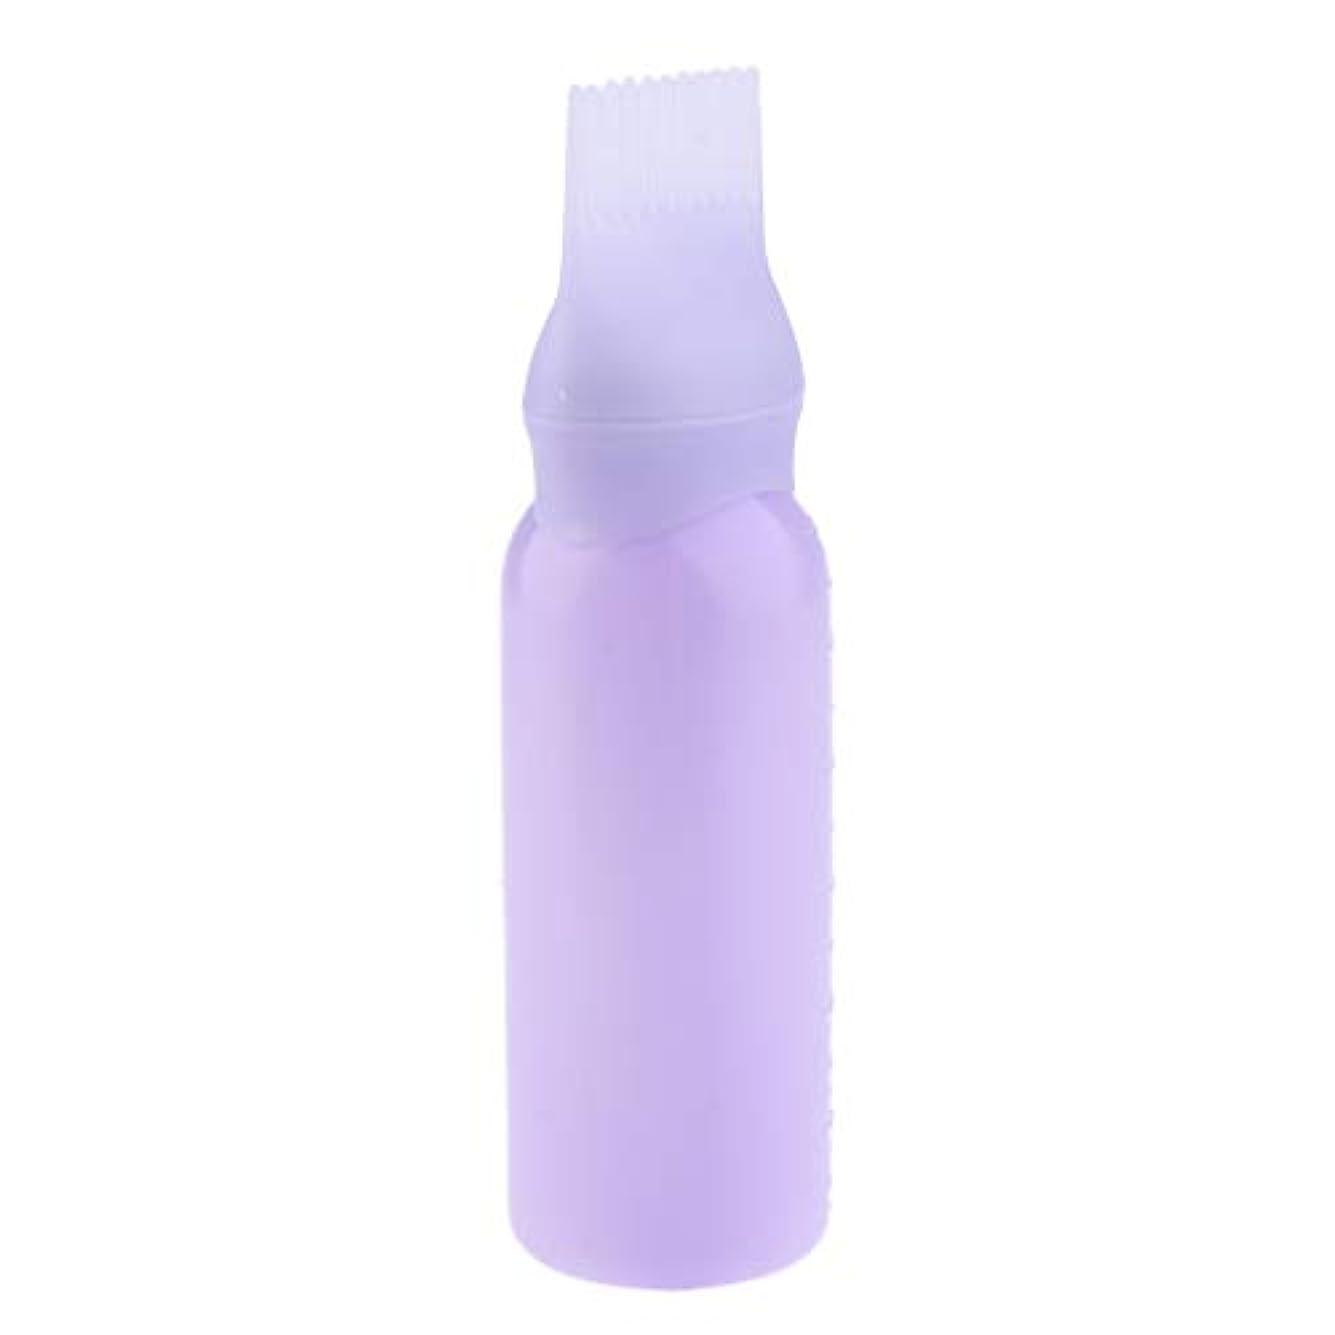 市民ウミウシ妥協ヘアダイボトル ヘアカラー ヘア染色 ディスペンサー アプリケーター 3色選べ - 紫